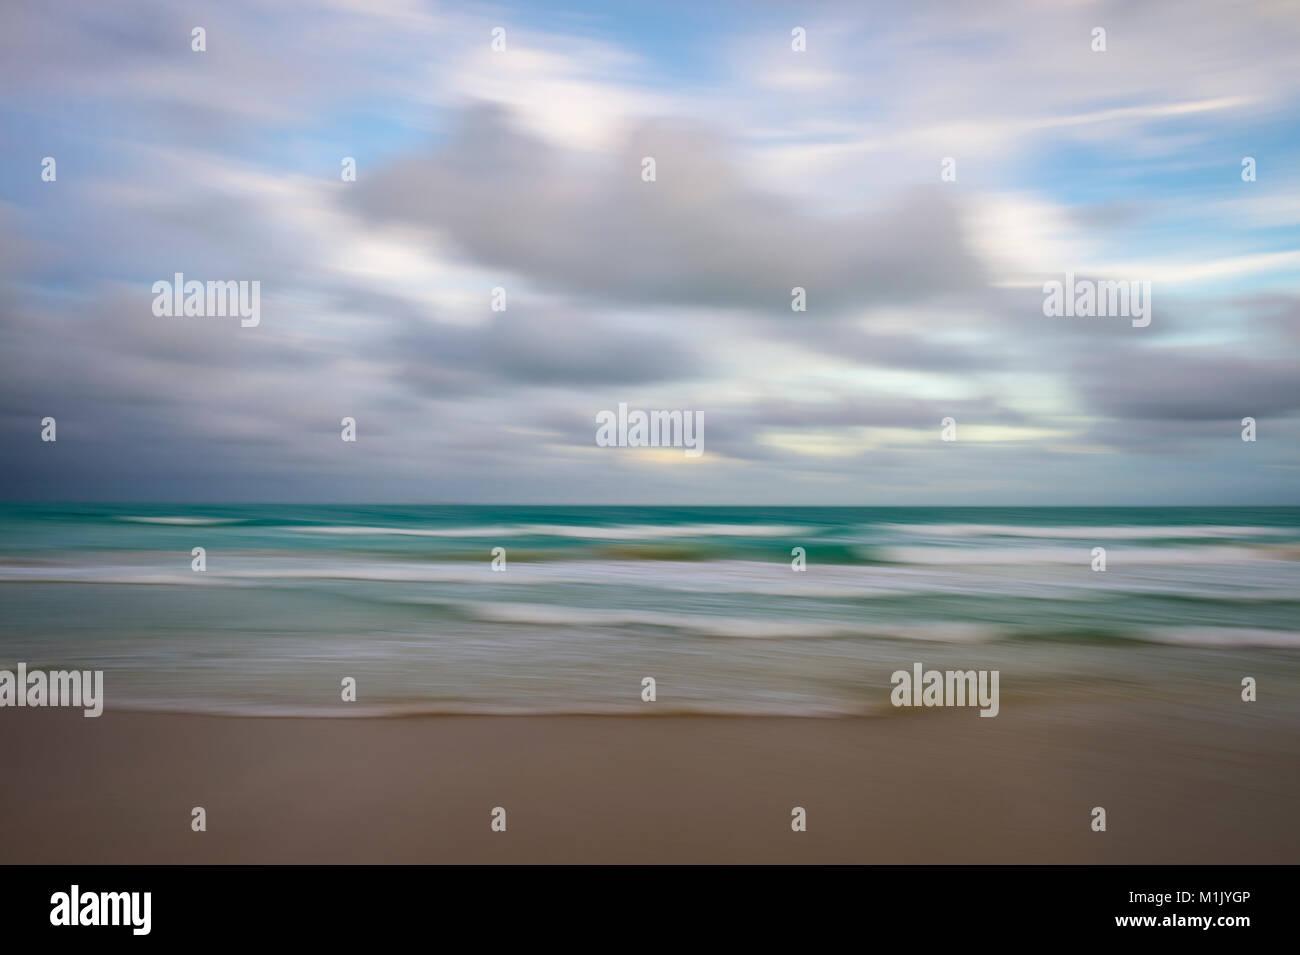 Abstrakte Unschärfe-Effekte im Hintergrund Bewegungsunschärfe von Wellen an einem tropischen Strand mit Stockbild